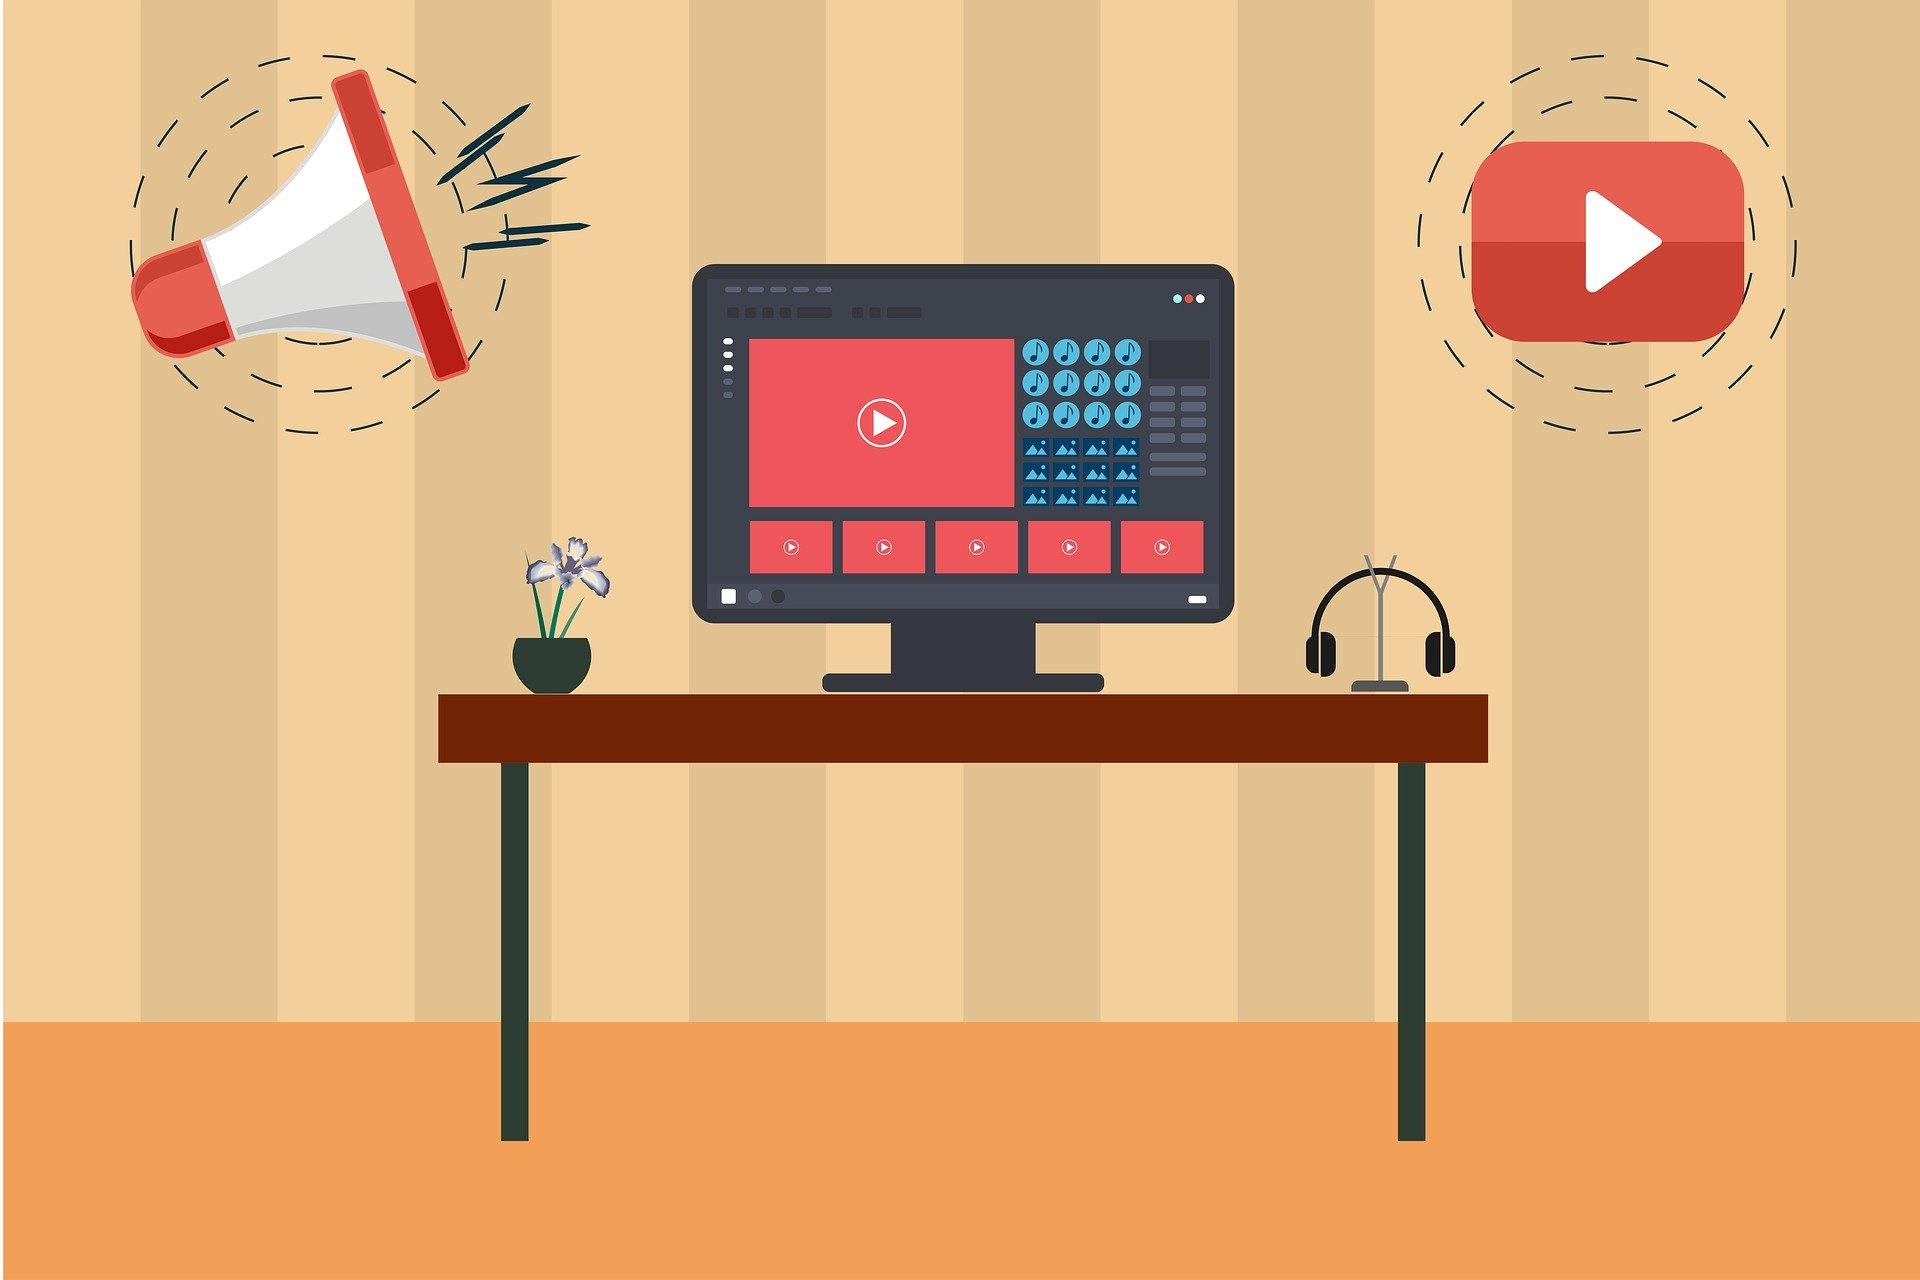 【初心者】Youtubeでプログラミングが学べる!?【有料級の動画を紹介】